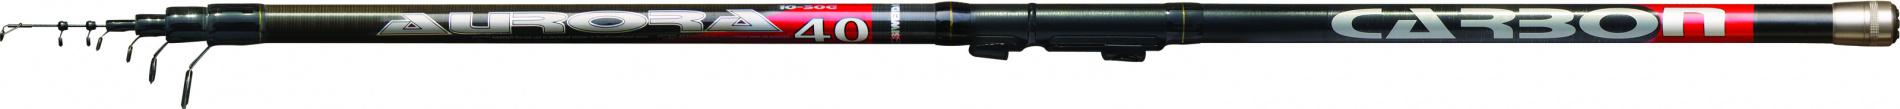 Удилище тел. SWD Aurora 5м с/к карбон IM8 (укороченное, Удилища поплавочные<br>Рейстайлинговая модель компактных телескопических <br>удилище для поплавочной ловли изготавливается <br>с этого сезона из карбона IM8. Основные характеристики <br>удилища: длина 5,0м (в сложенном состоянии <br>105см), количество секций - 6, вес - 275г, максимальный <br>вес оснастки - до 30г. Удилище оснащено облегченными <br>кольцами SIC, быстродействующим катушкодержателем <br>типа Clip Up, специальной вставкой из EVA для <br>предотвращения повреждения проводочных <br>колец при транспортировке и металлической <br>пробкой на комле. Предназначено для всех <br>видов поплавочной ловли и подойдет как <br>для начинающих, так и для опытных рыболовов.<br>